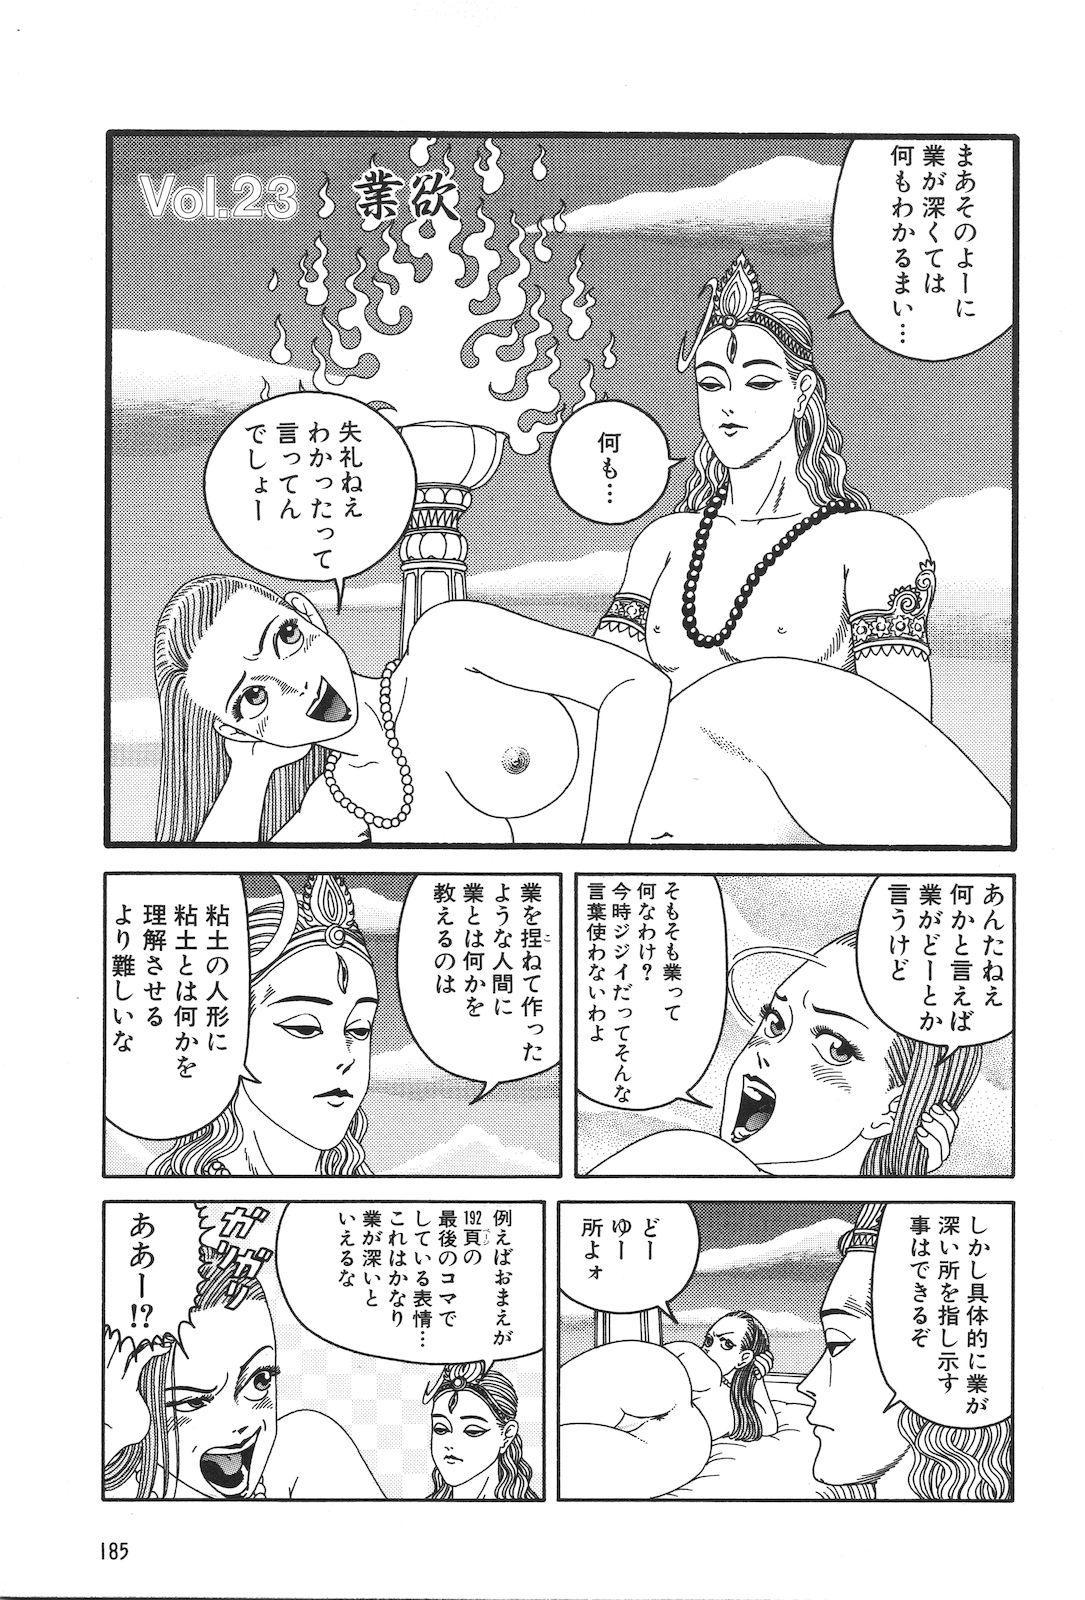 Dobusarai Gekijou 186